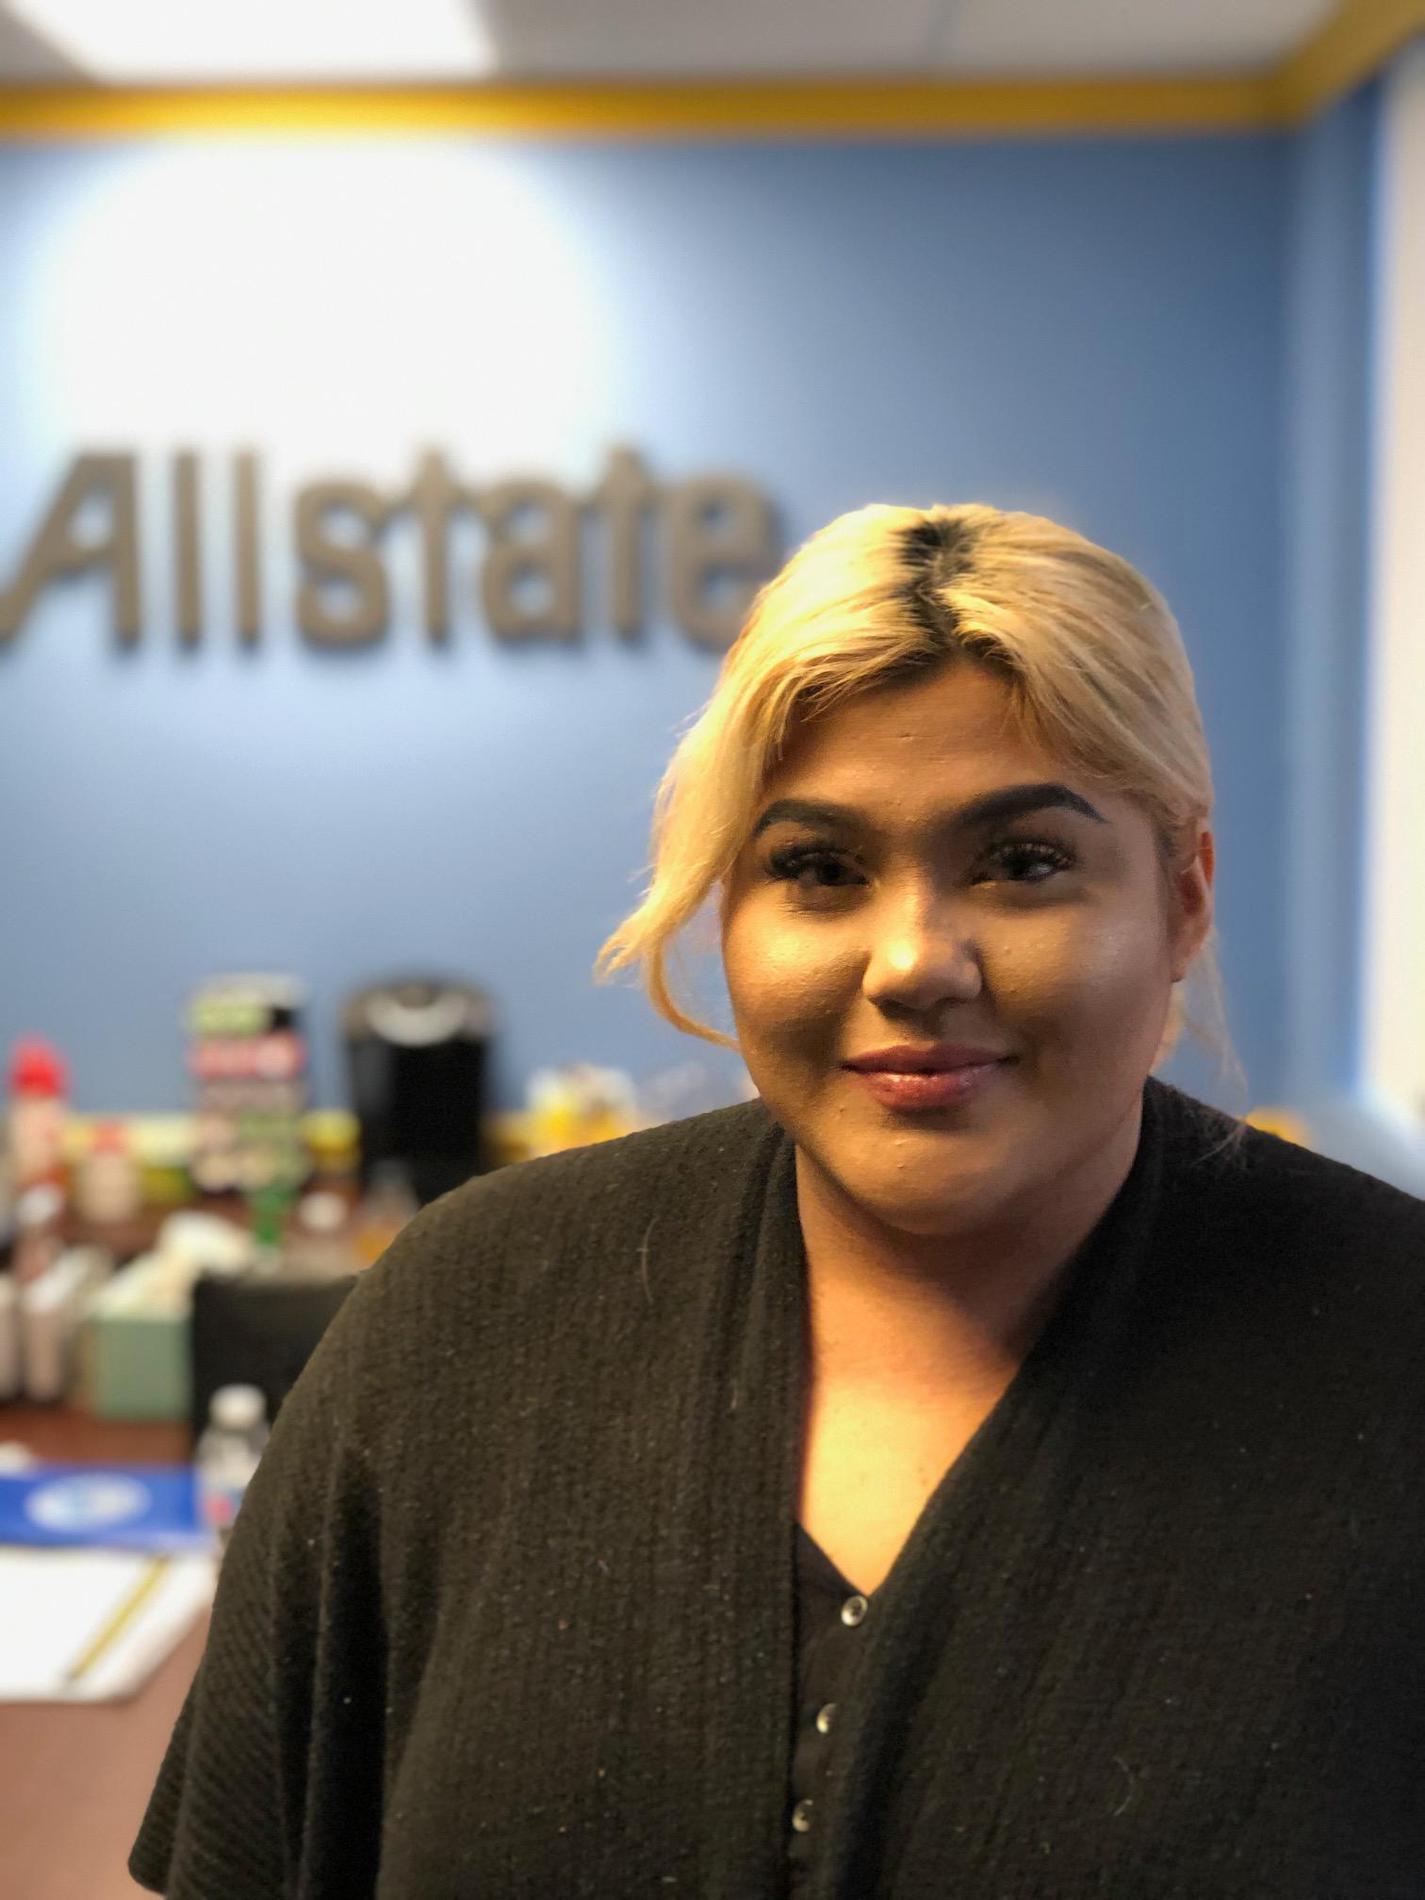 Allstate   Car Insurance in Woodbridge, VA - Joseph Cotten